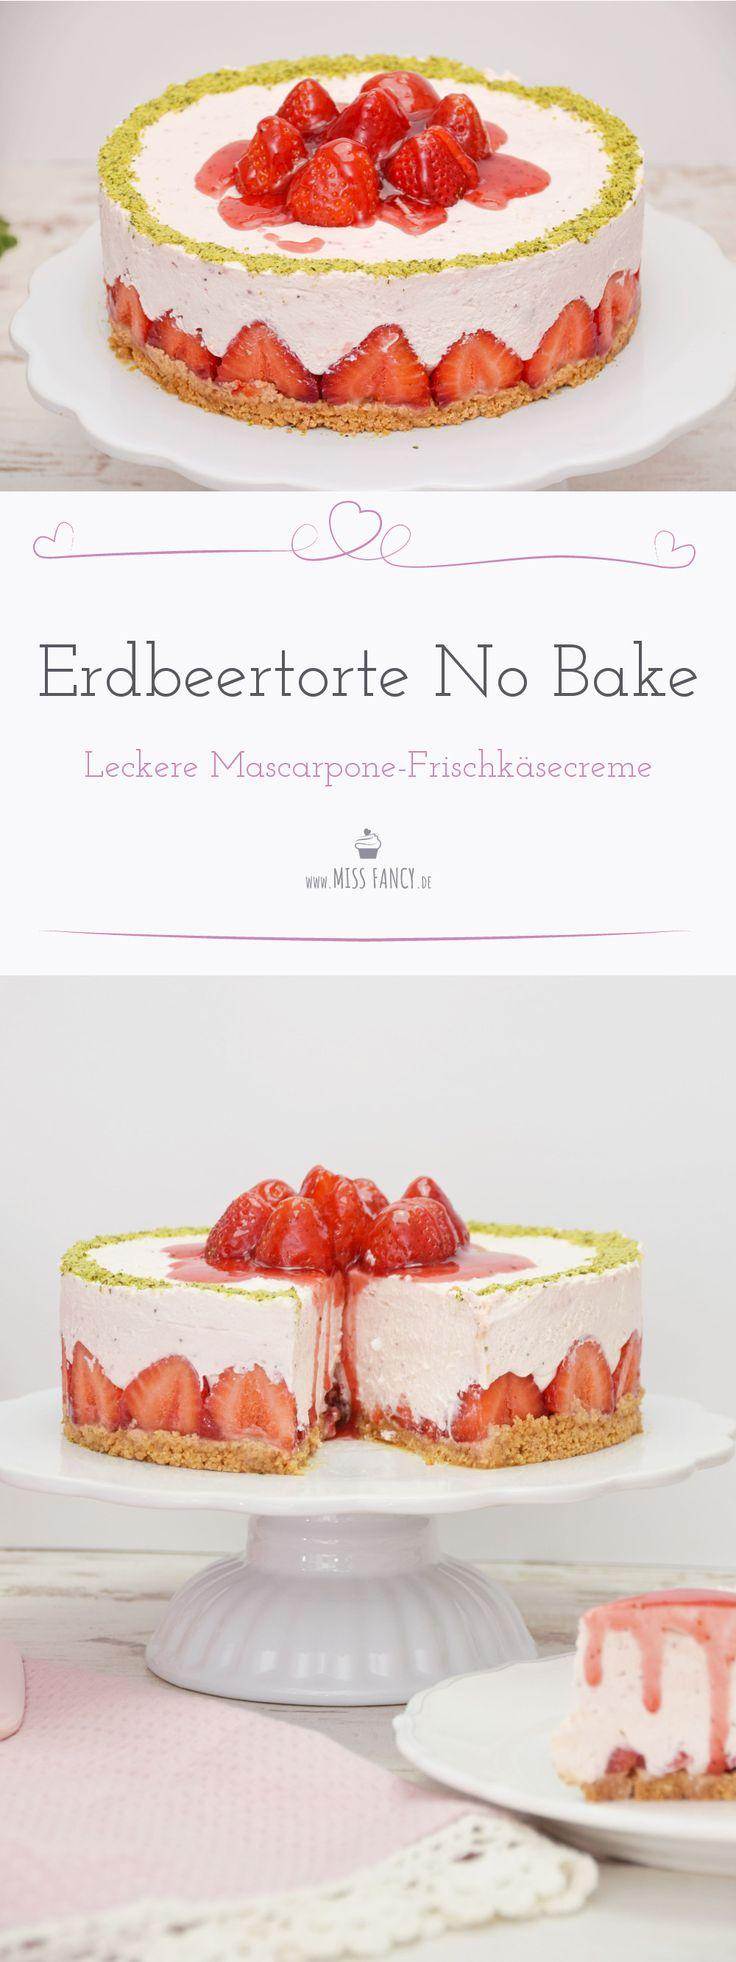 Erdbeertorte mit Mascarpone-Frischkäse – No Bake